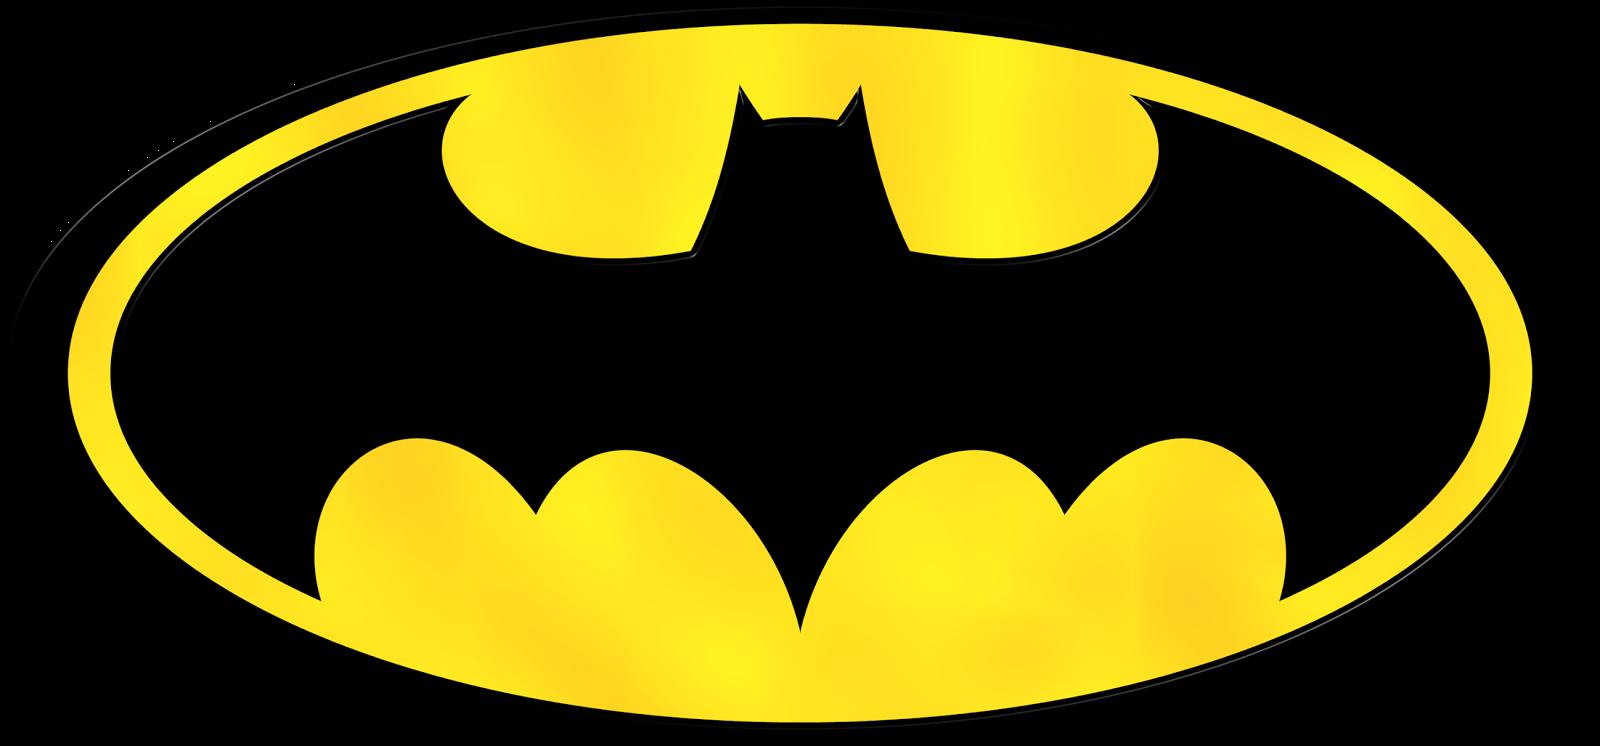 Logo png justice ligue. Batman clipart emoji